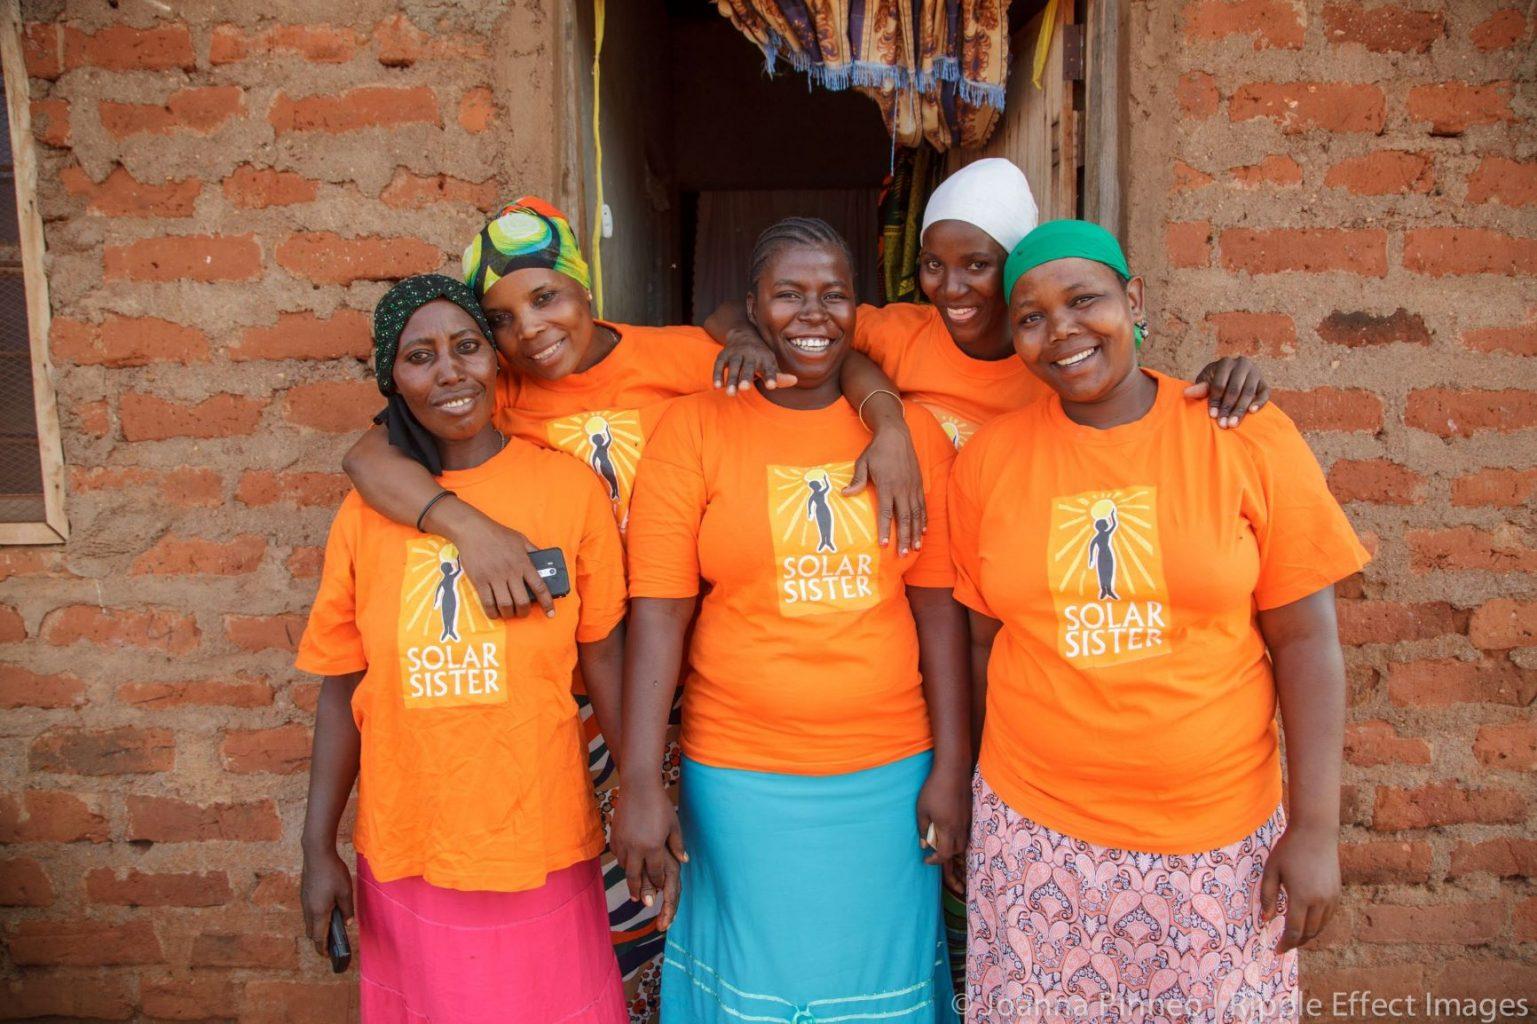 Image: 5 Solar Sister entrepreneurs together!